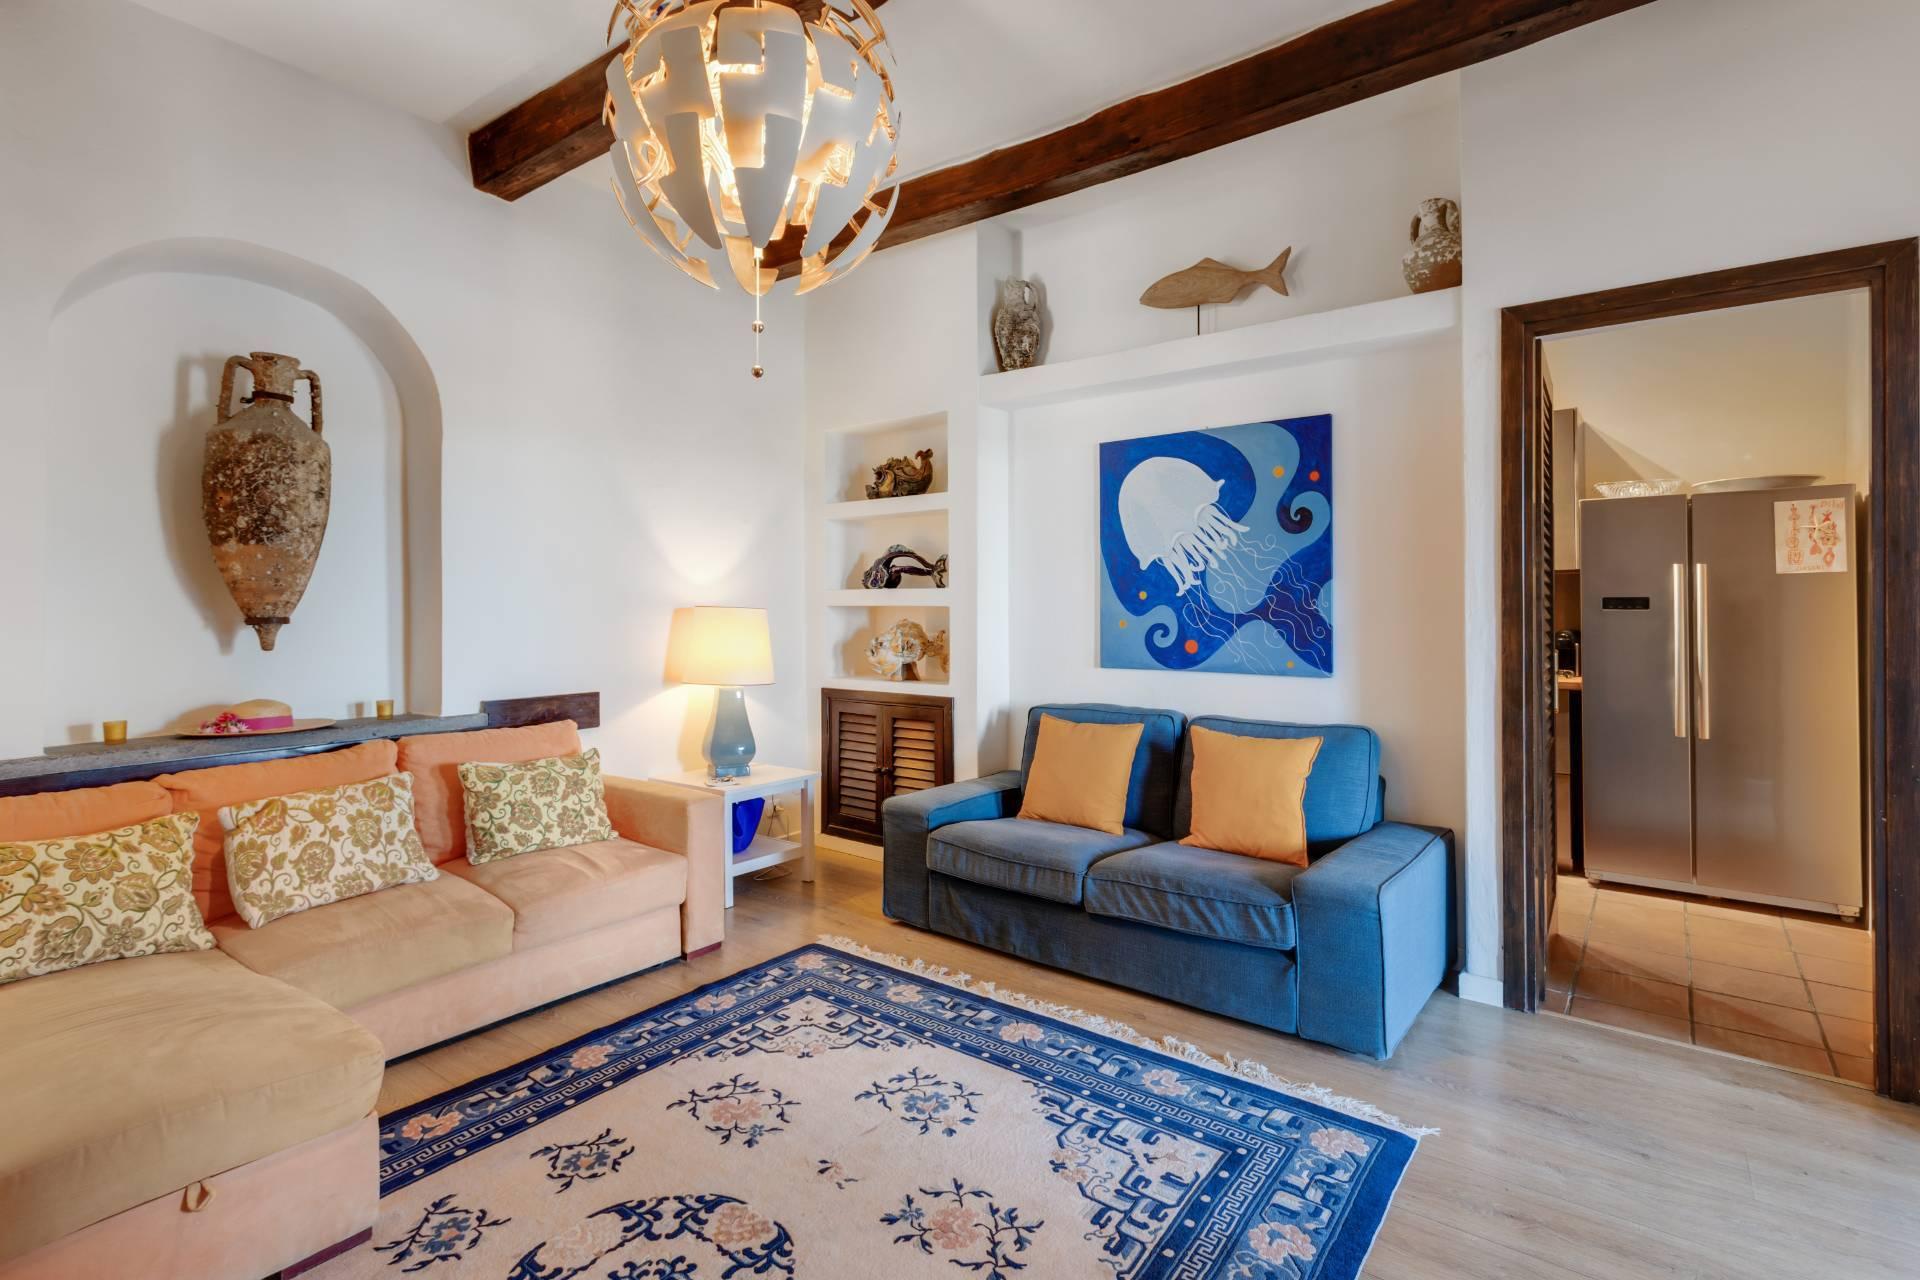 Casa indipendente in Vendita a Monte Argentario: 5 locali, 300 mq - Foto 23